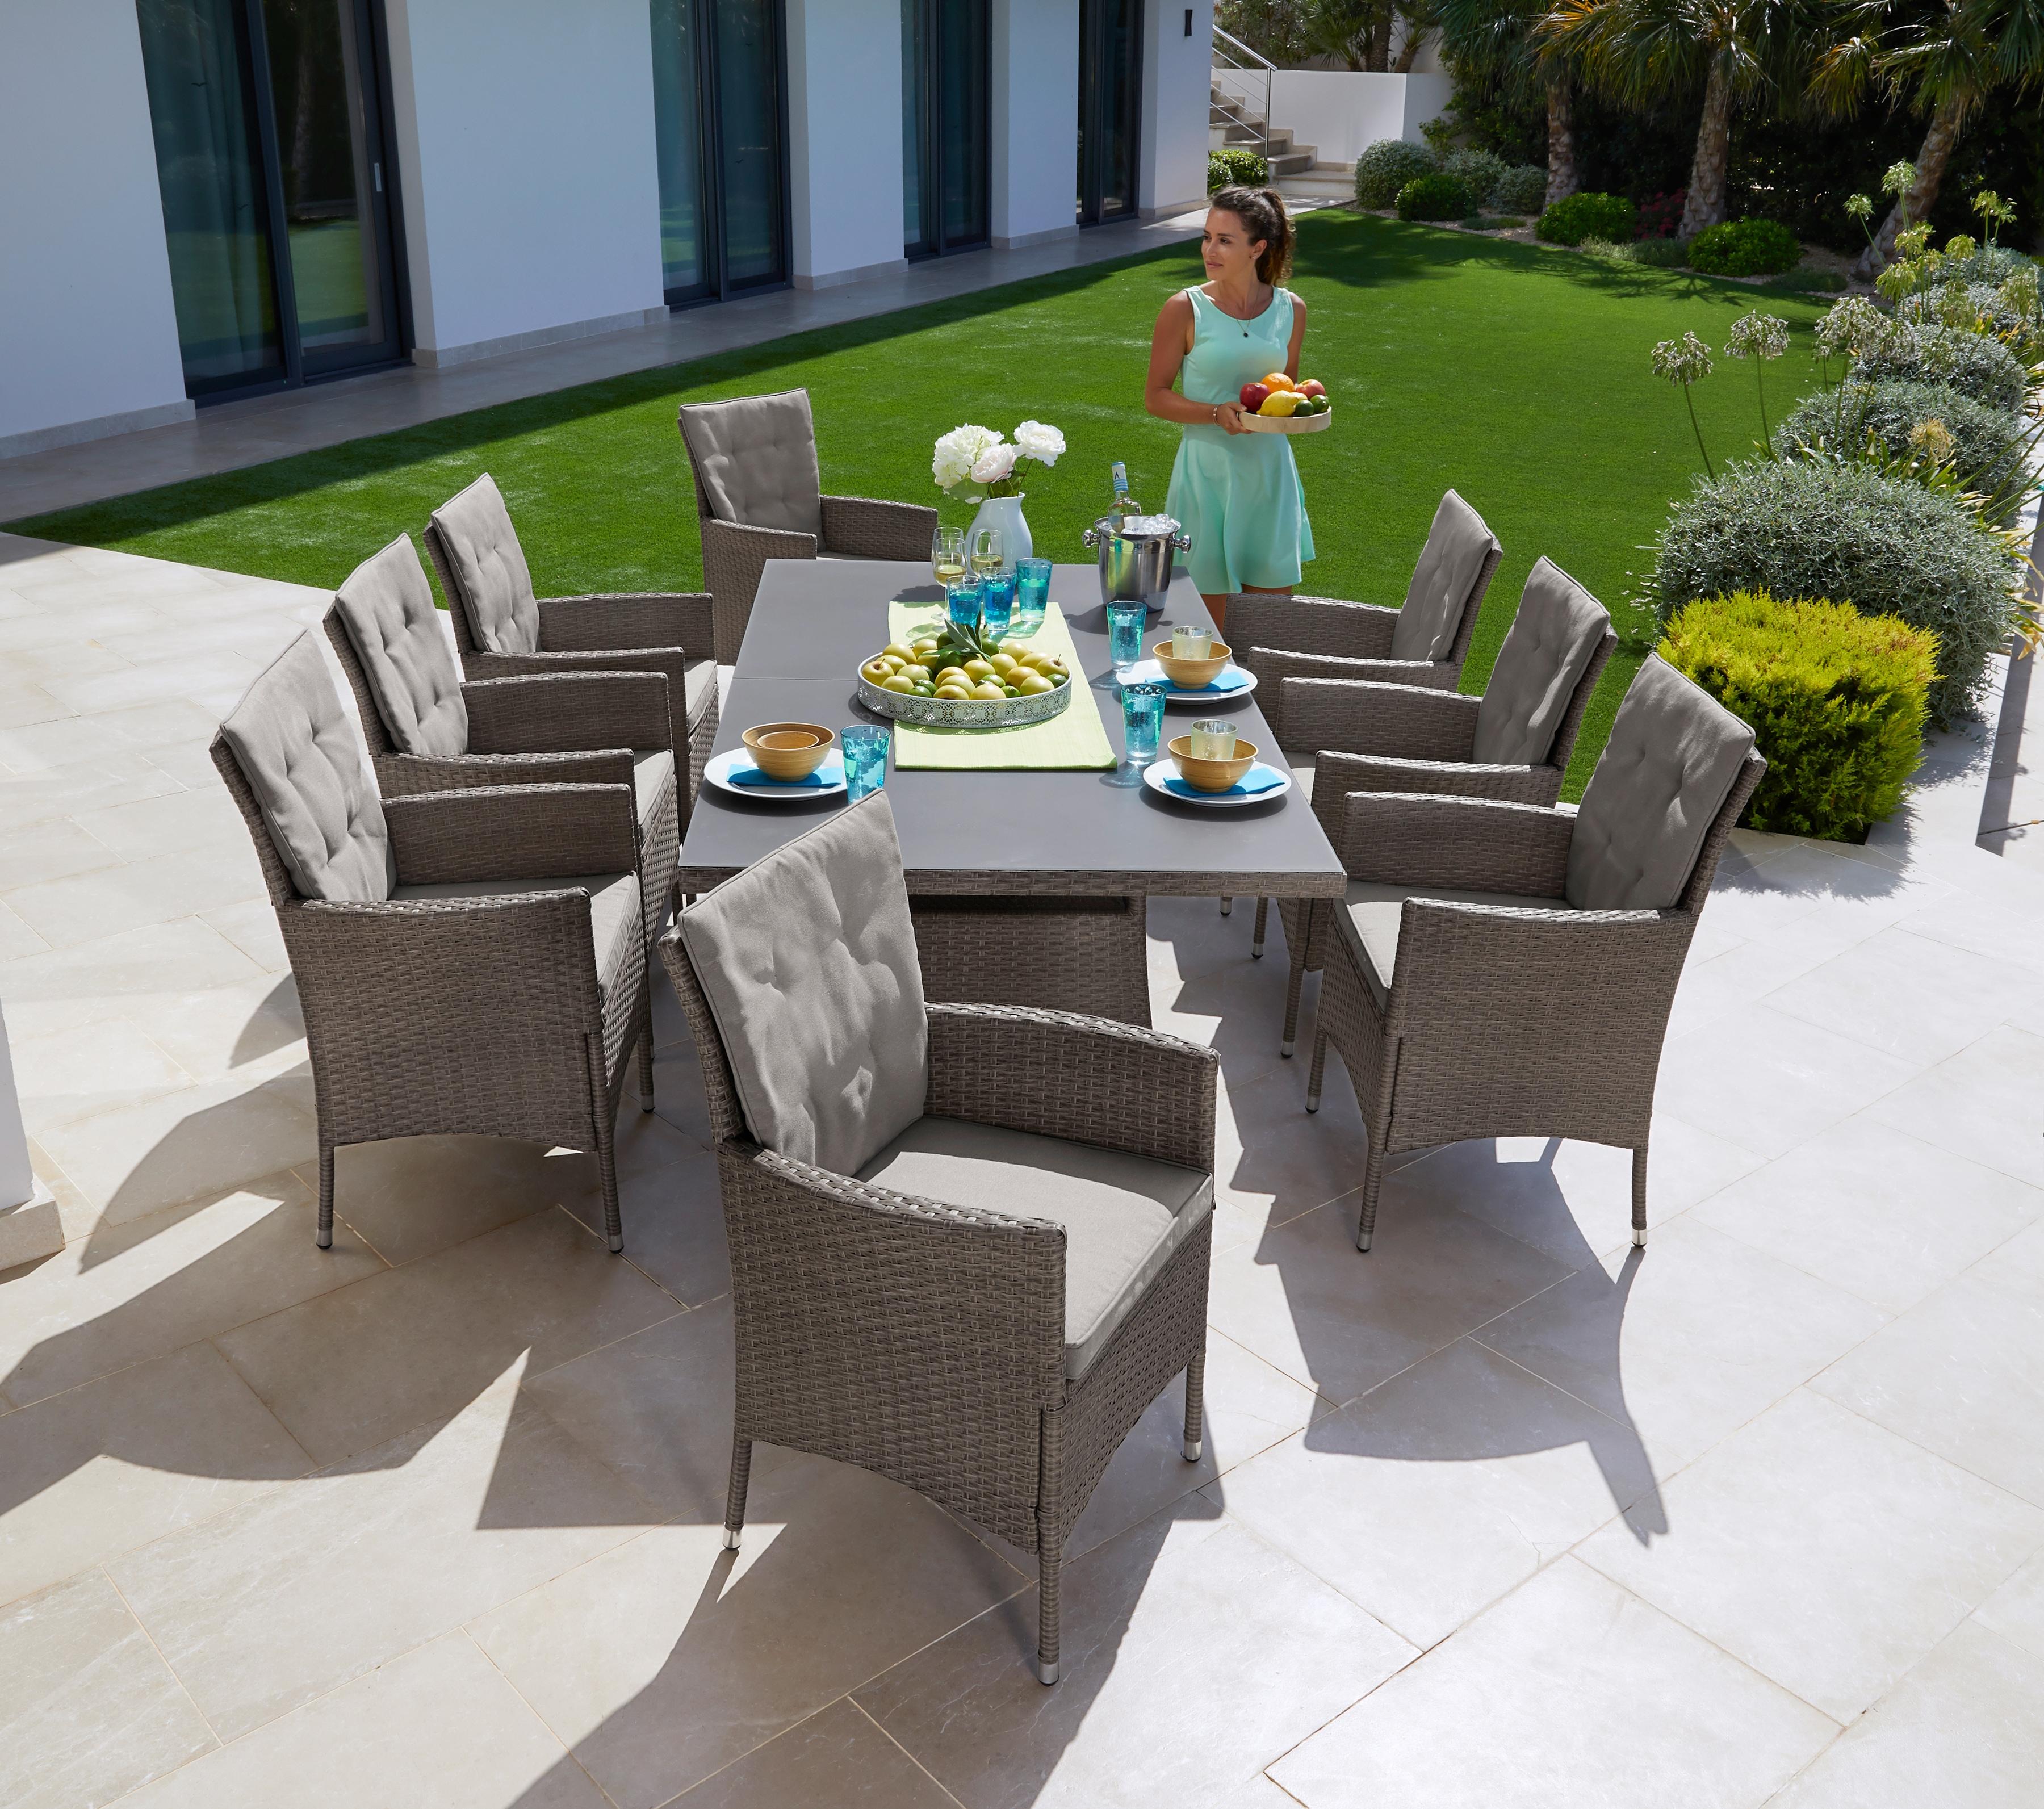 KONIFERA Gartenmöbelset Mailand 25-tlg 8 Sessel Tisch 200x100 cm Polyrattan